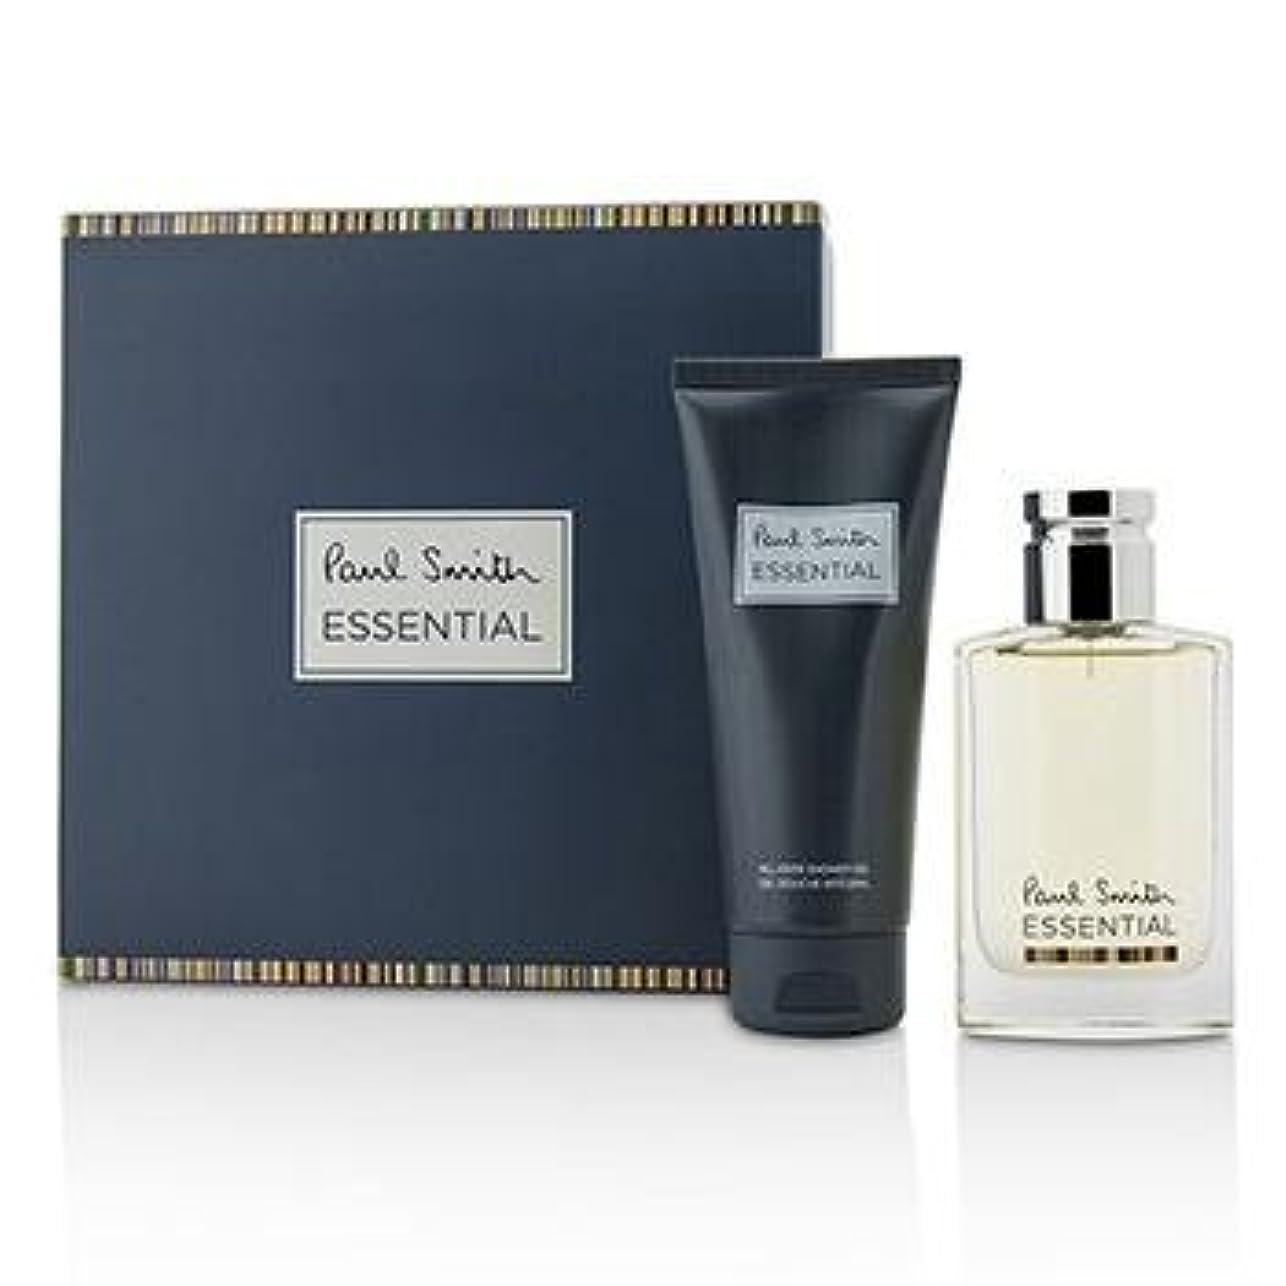 スピン味付け指紋Paul Smith - Essential Gift Set EDT 50ml 1.7fl.oz + Shower Gel 100ml 3.3fl.oz